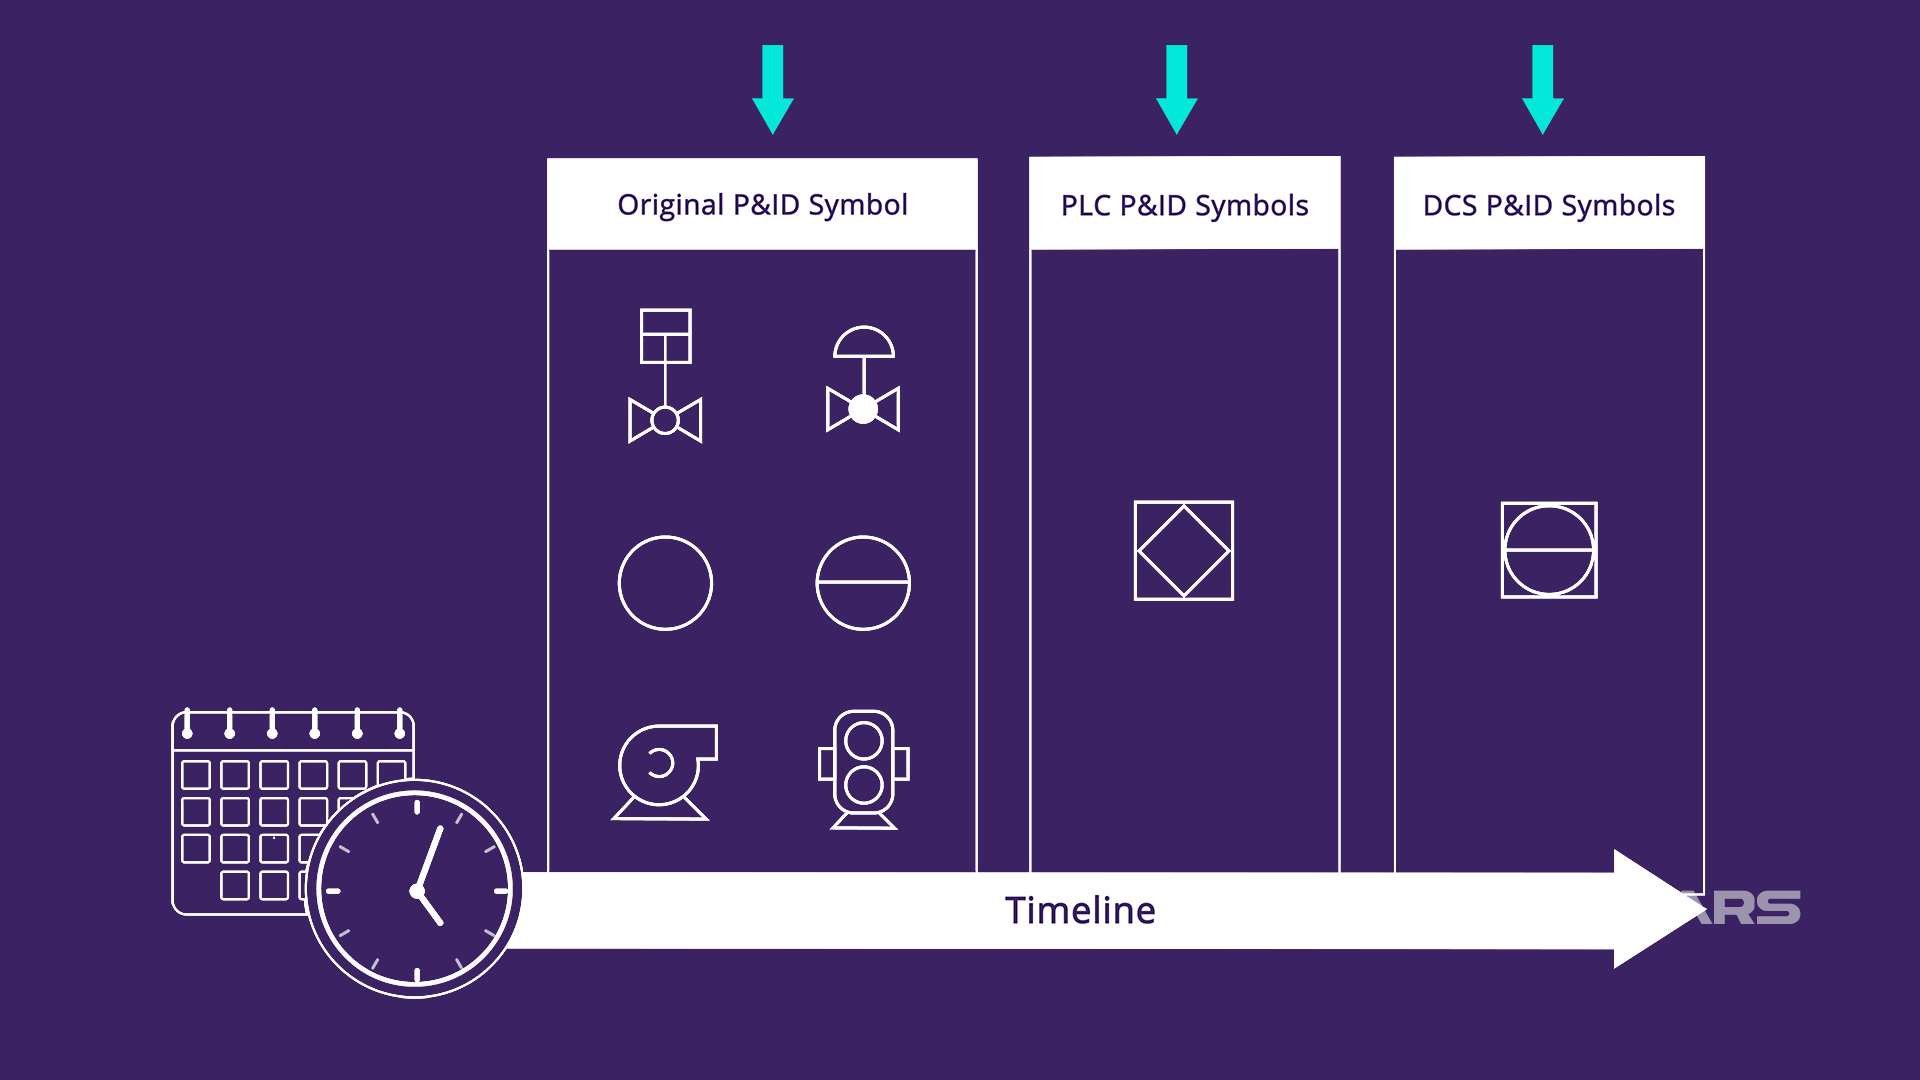 P&ID Original Symbols